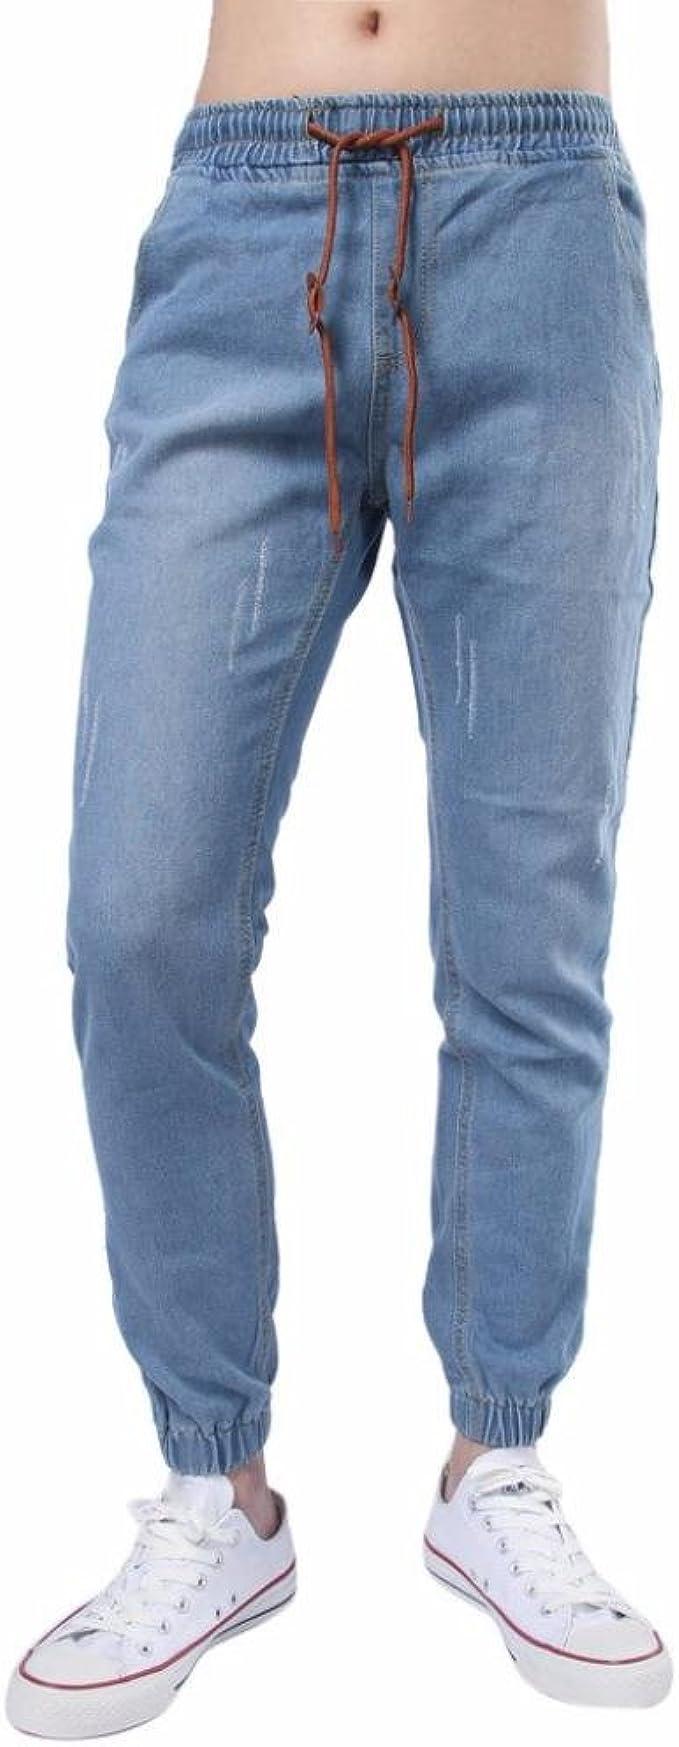 Sopravvivere promemoria mercoledì  Beauty Top Jeans Uomo, Pantaloni Jogging Lunghi da Uomo con Coulisse Polsini  Vintage Slim Fit Palestra Sportivi Pantaloni Pantalone della Tuta Jeans  Trousers (Blu#1, L): Amazon.it: Abbigliamento